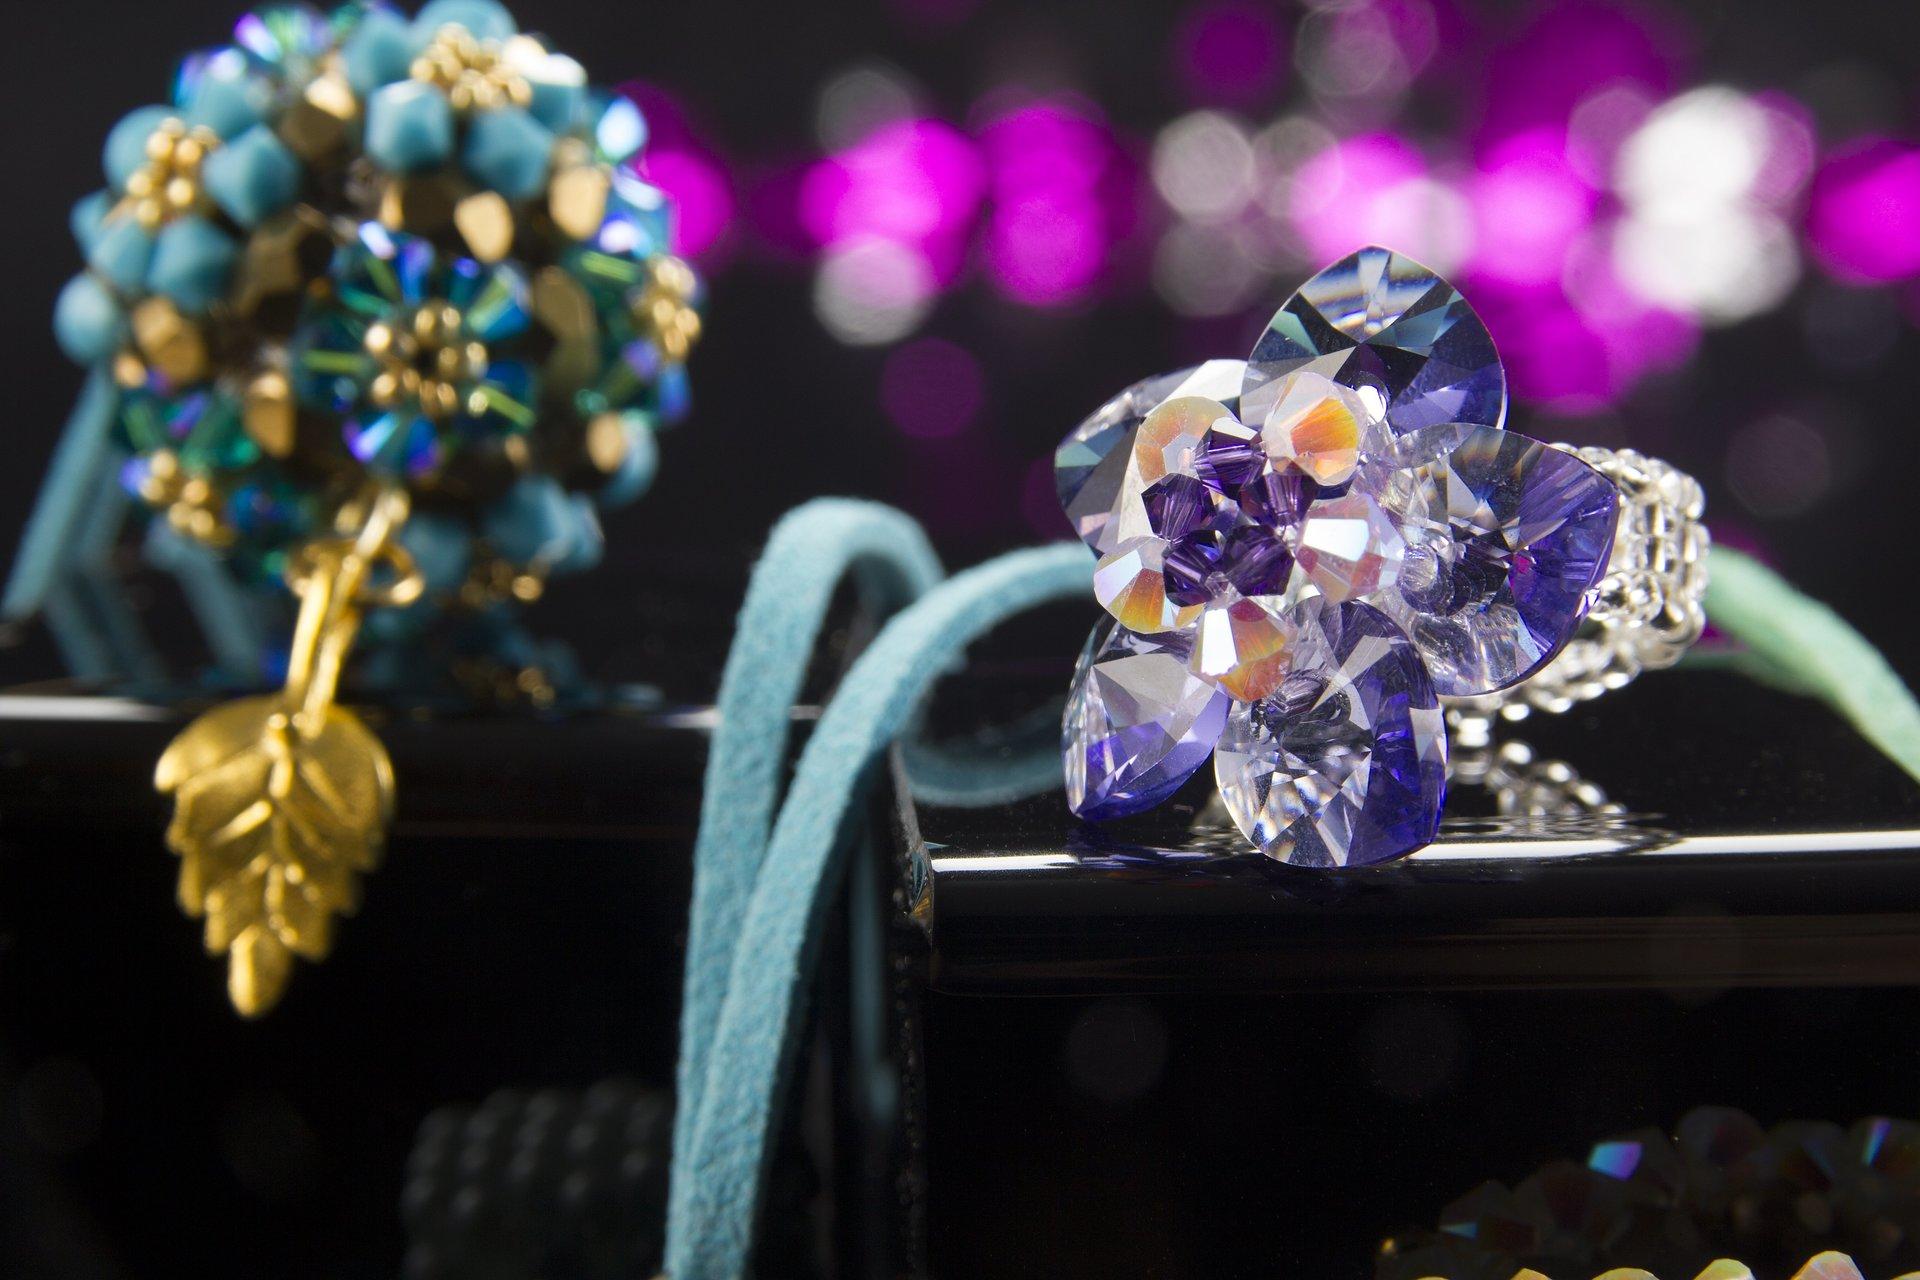 חרוז כזה - חומרים וסדנאות תכשיטים